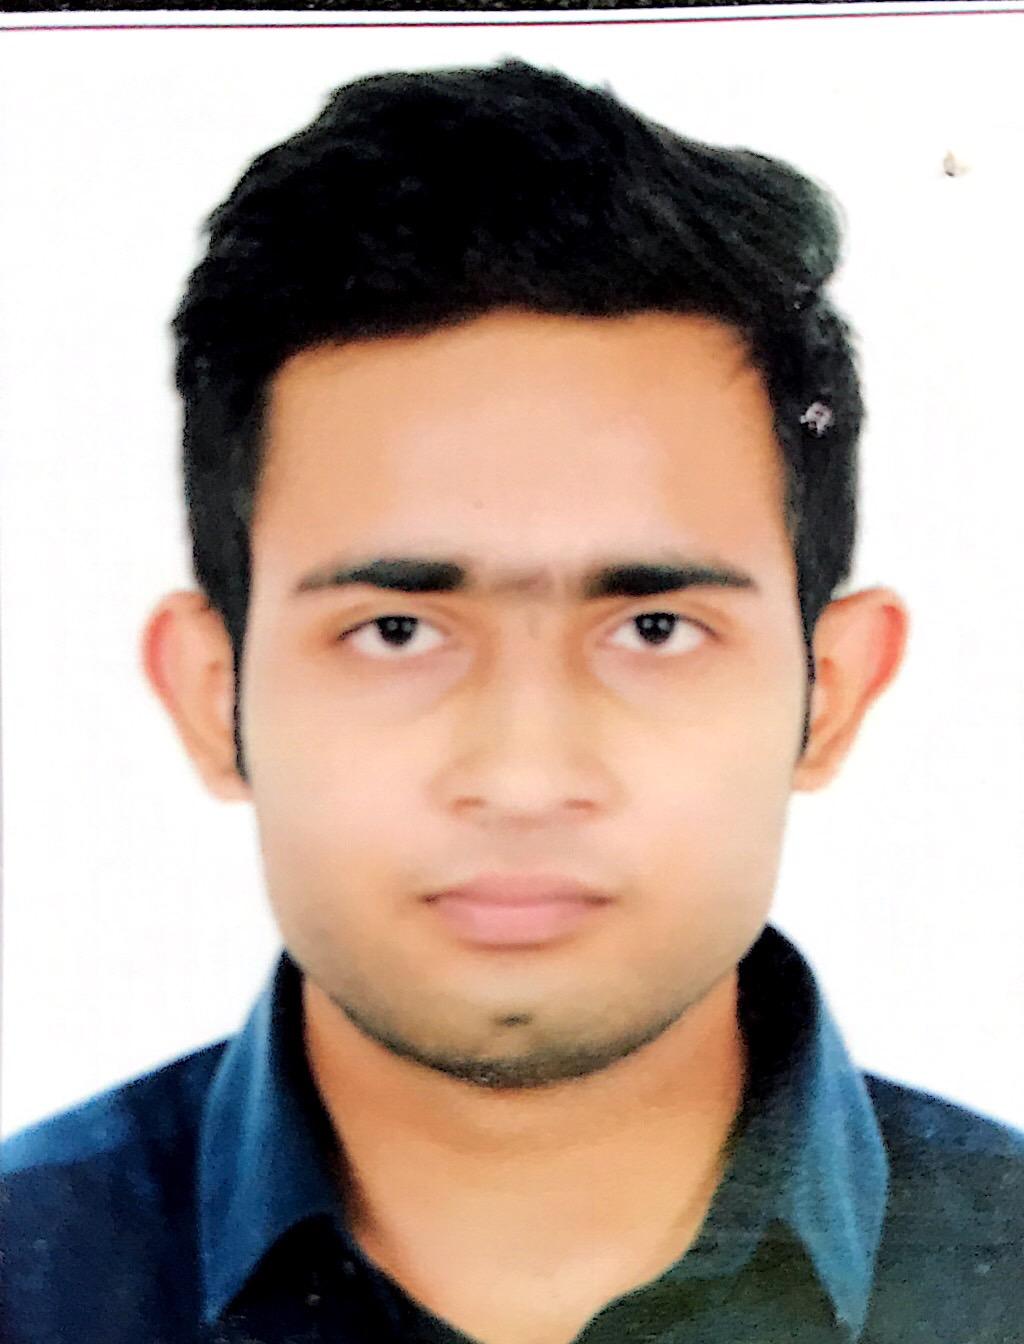 Mr. Perin Rajeshkumar Patel